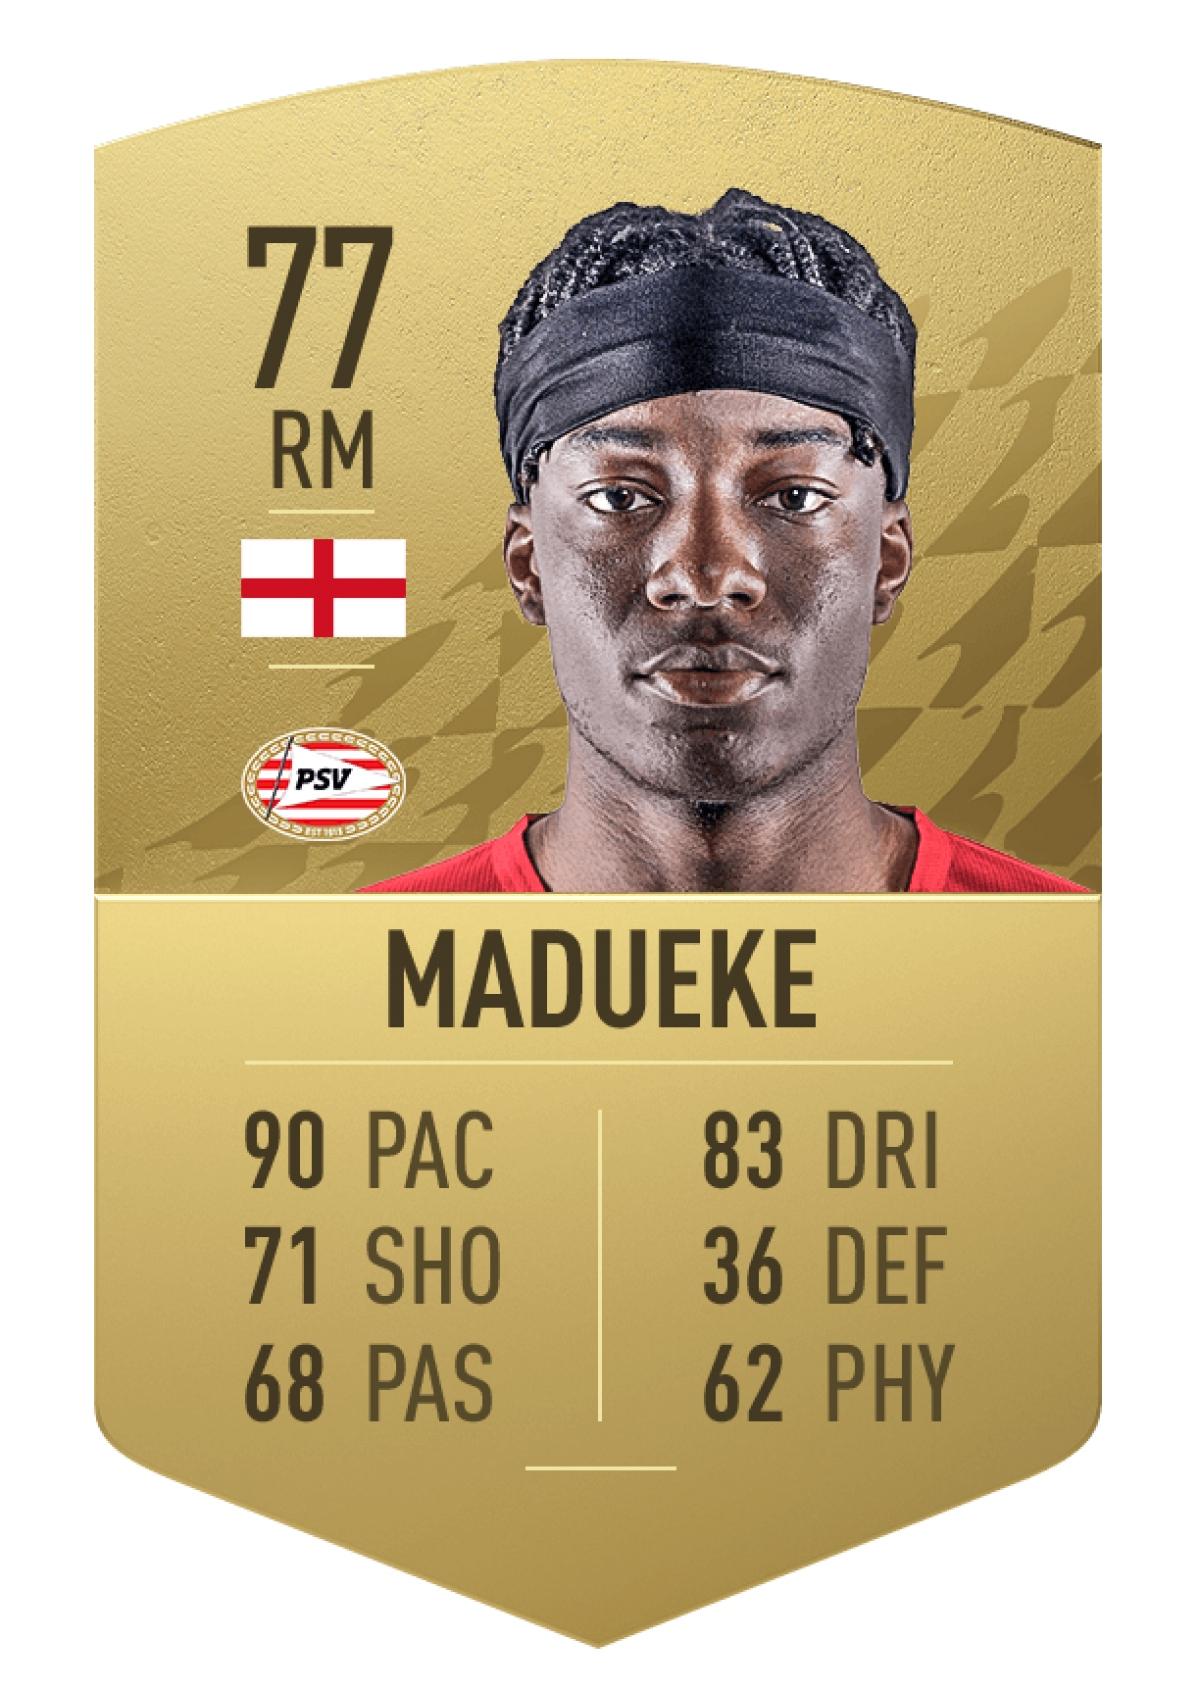 6. Tiền vệ Noni Madueke | PSV | Tổng chỉ số: 77 (+11 so với FIFA 21)